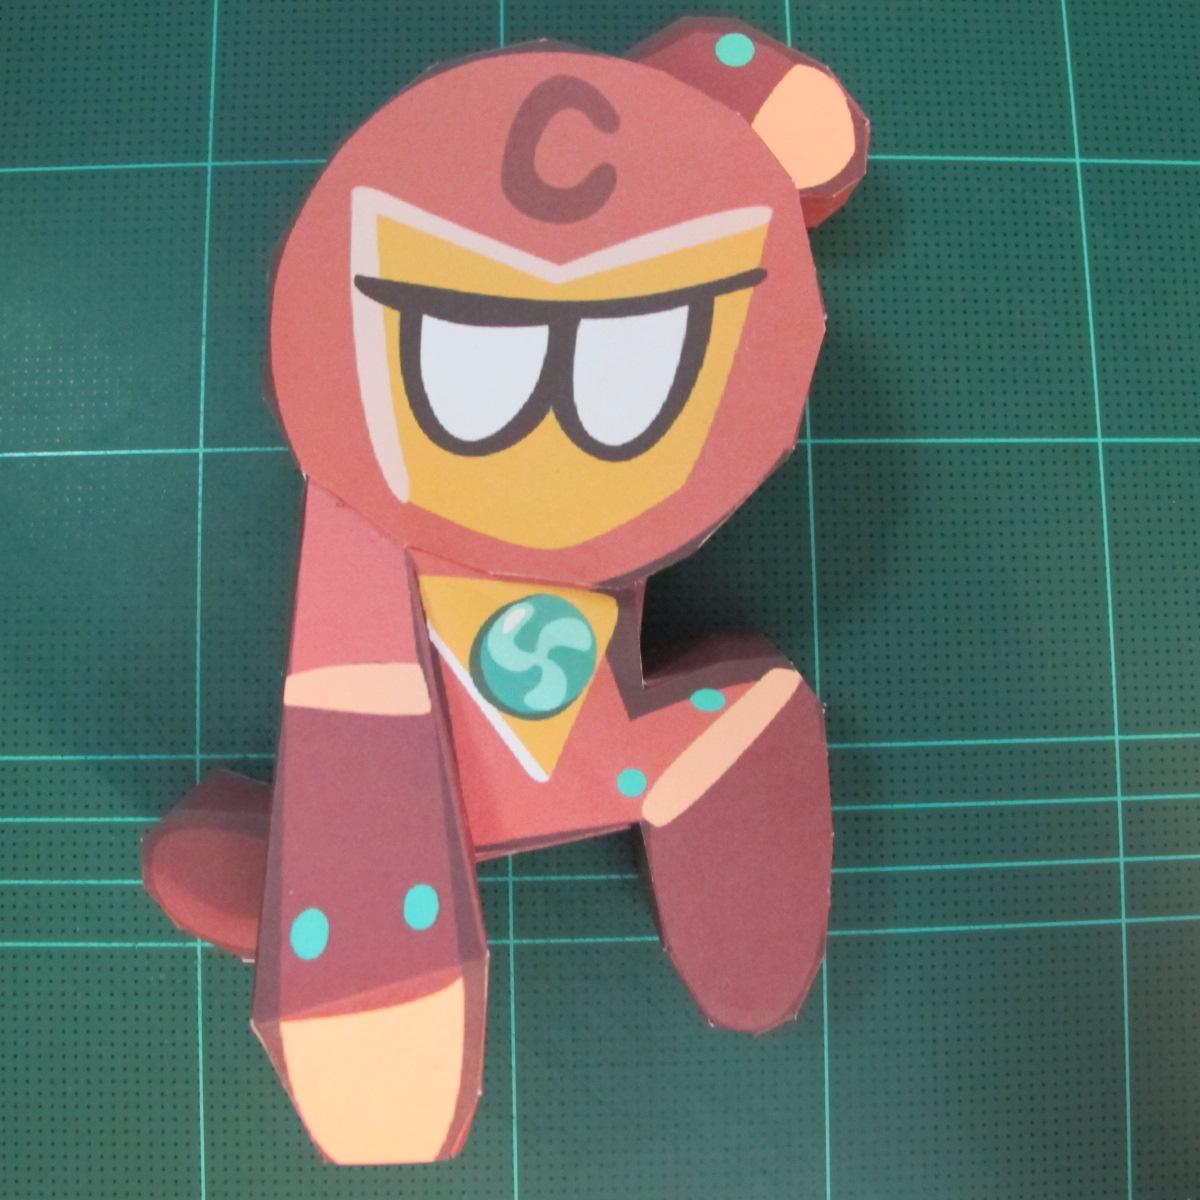 วิธีทำโมเดลกระดาษตุ้กตาคุกกี้รัน คุกกี้รสฮีโร่ (LINE Cookie Run Hero Cookie Papercraft Model) 026